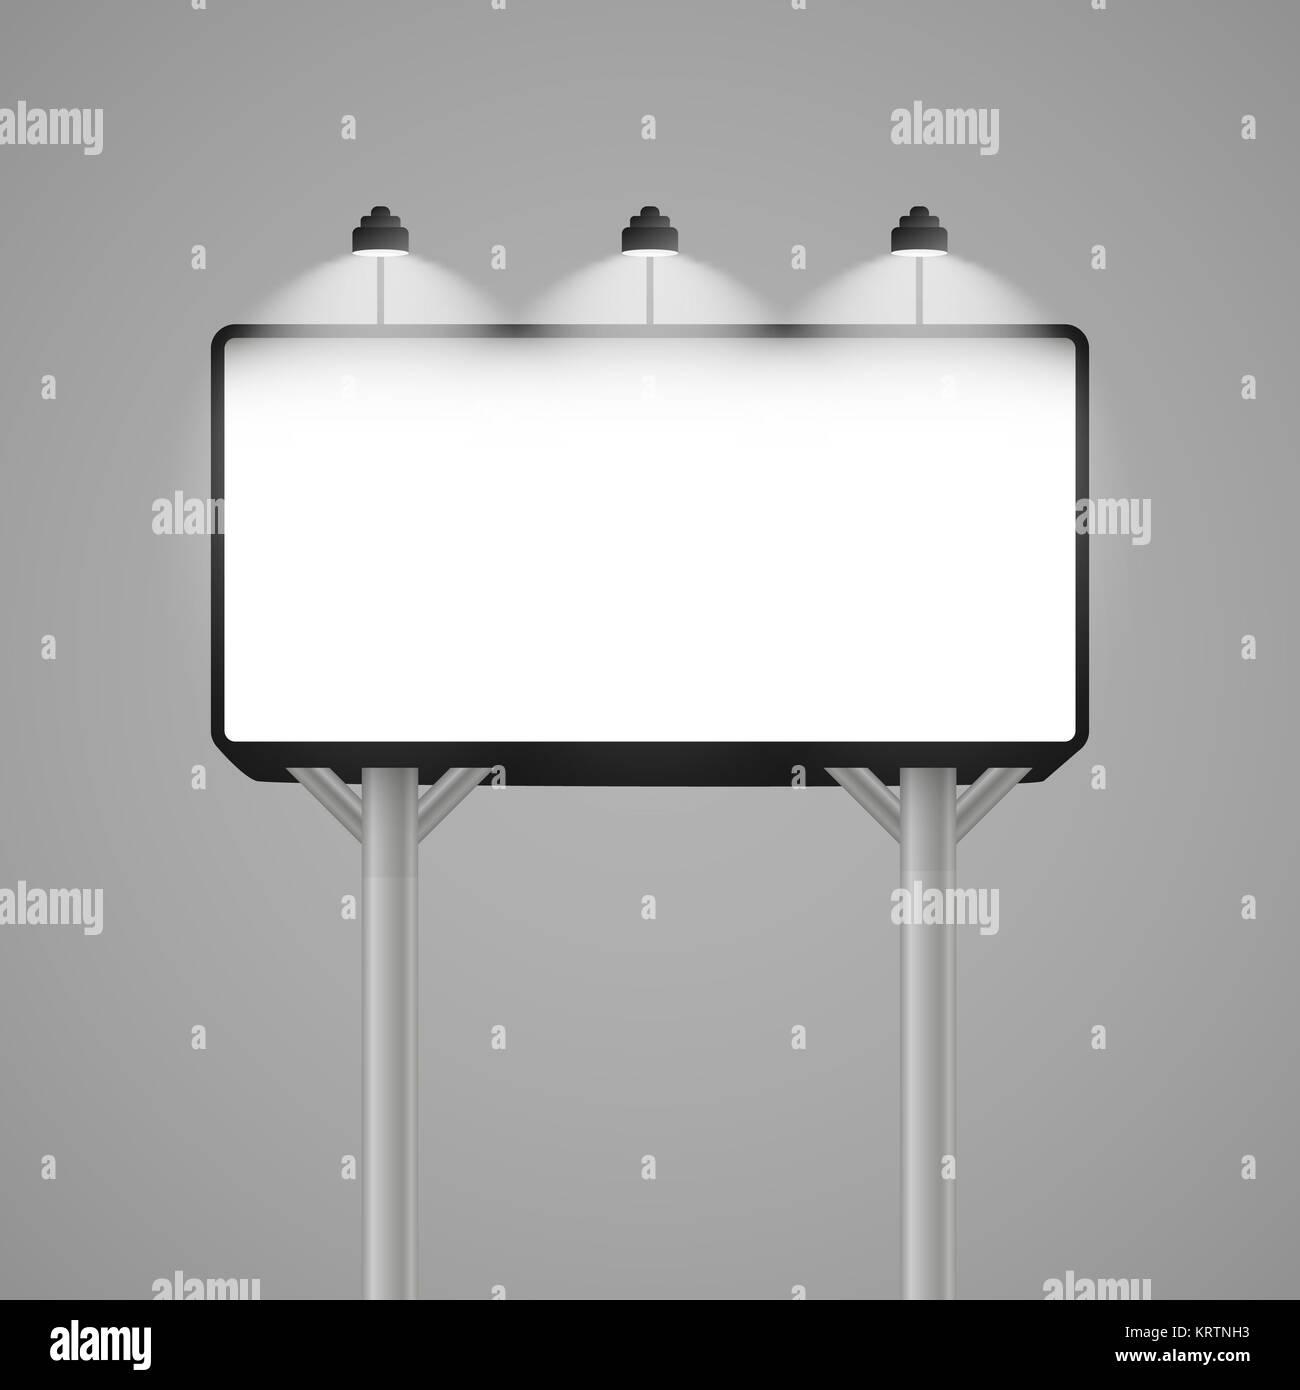 Affissioni mockup. Illustrazione vettoriale EPS 10 Immagini Stock